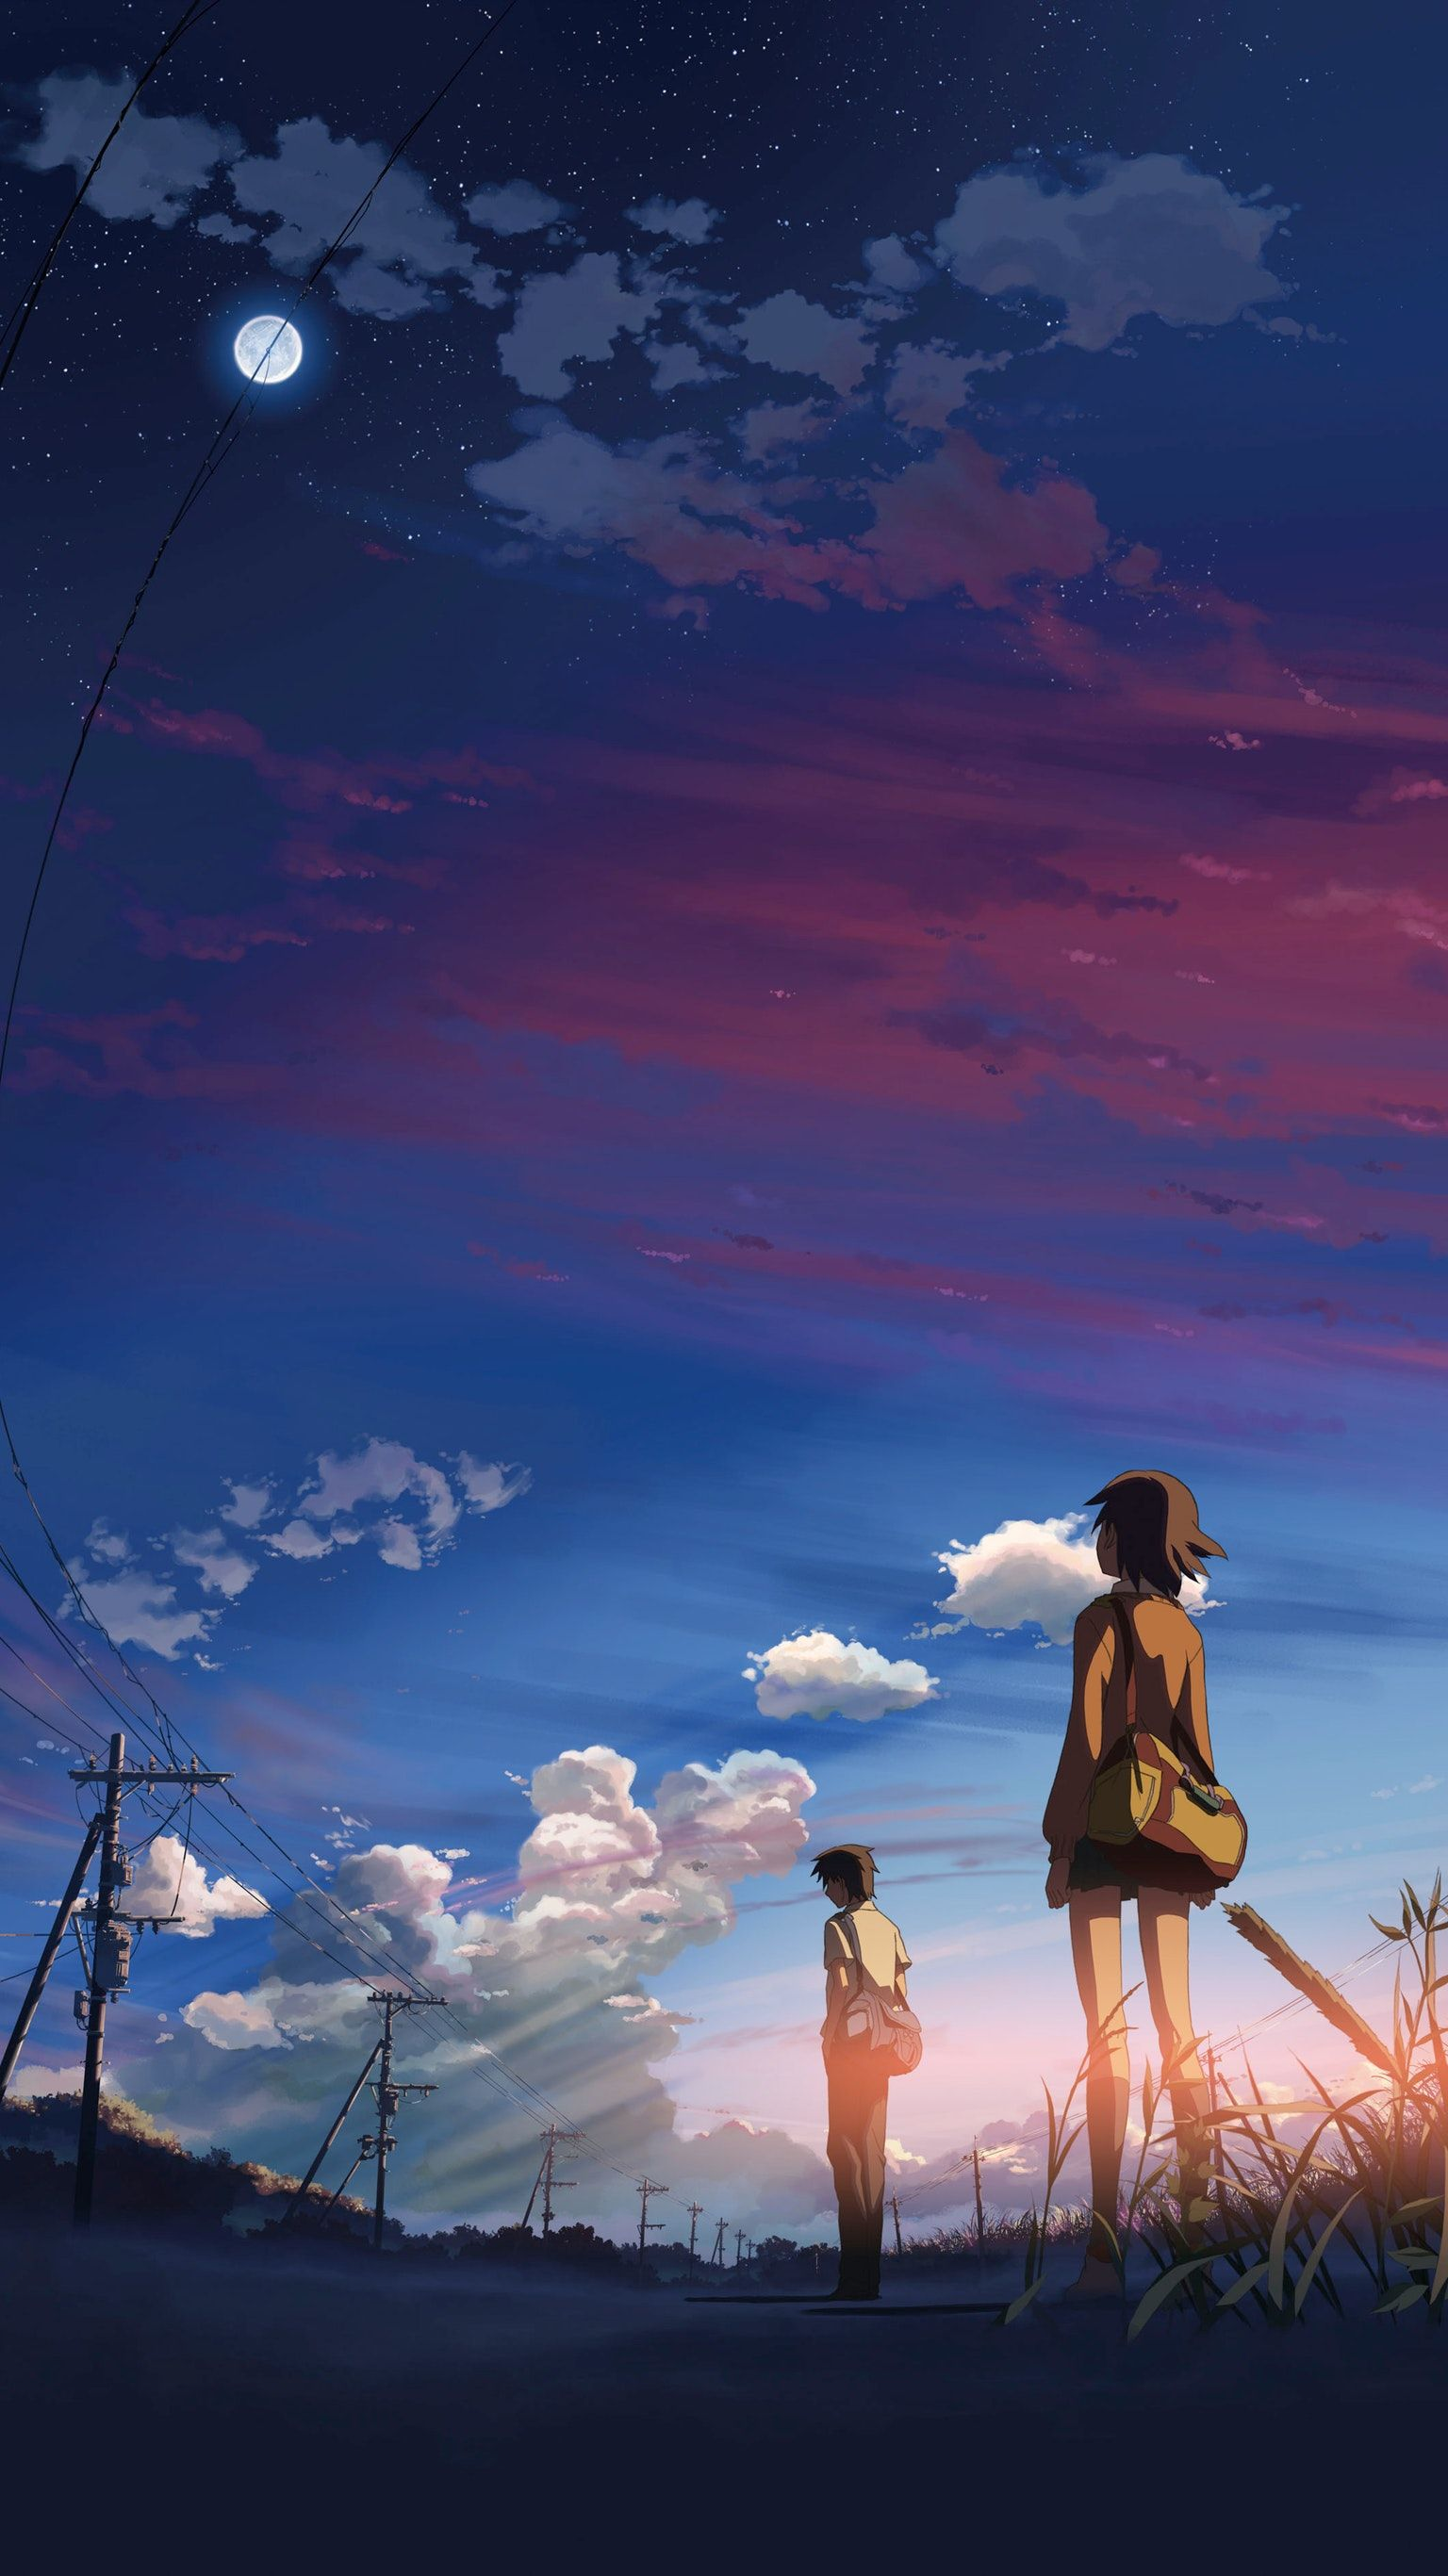 5 Cm Al Secondo Anime